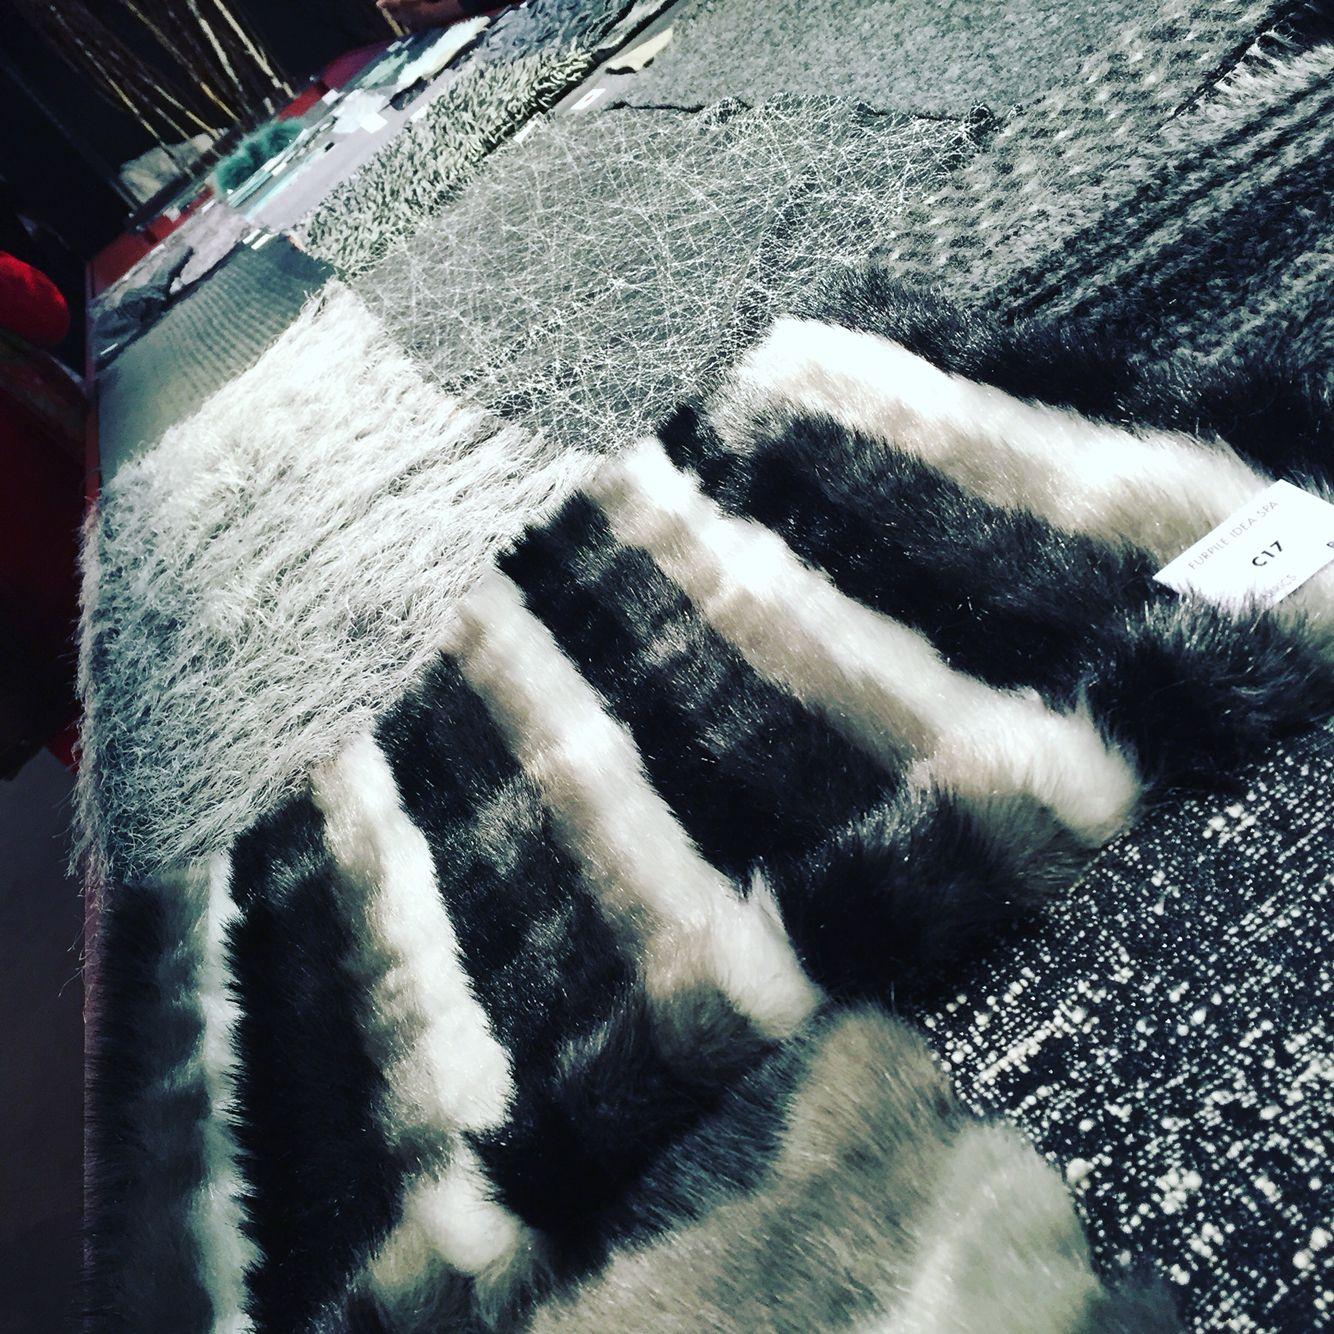 Alla ricerca di qualcosa si nuovo!!! #newcollection #milanounica #moda #madeinitaly #fiera #tessuti #emotion #ispirazione #daperdersi #chebellezza #marquisandoge #mand #luxury